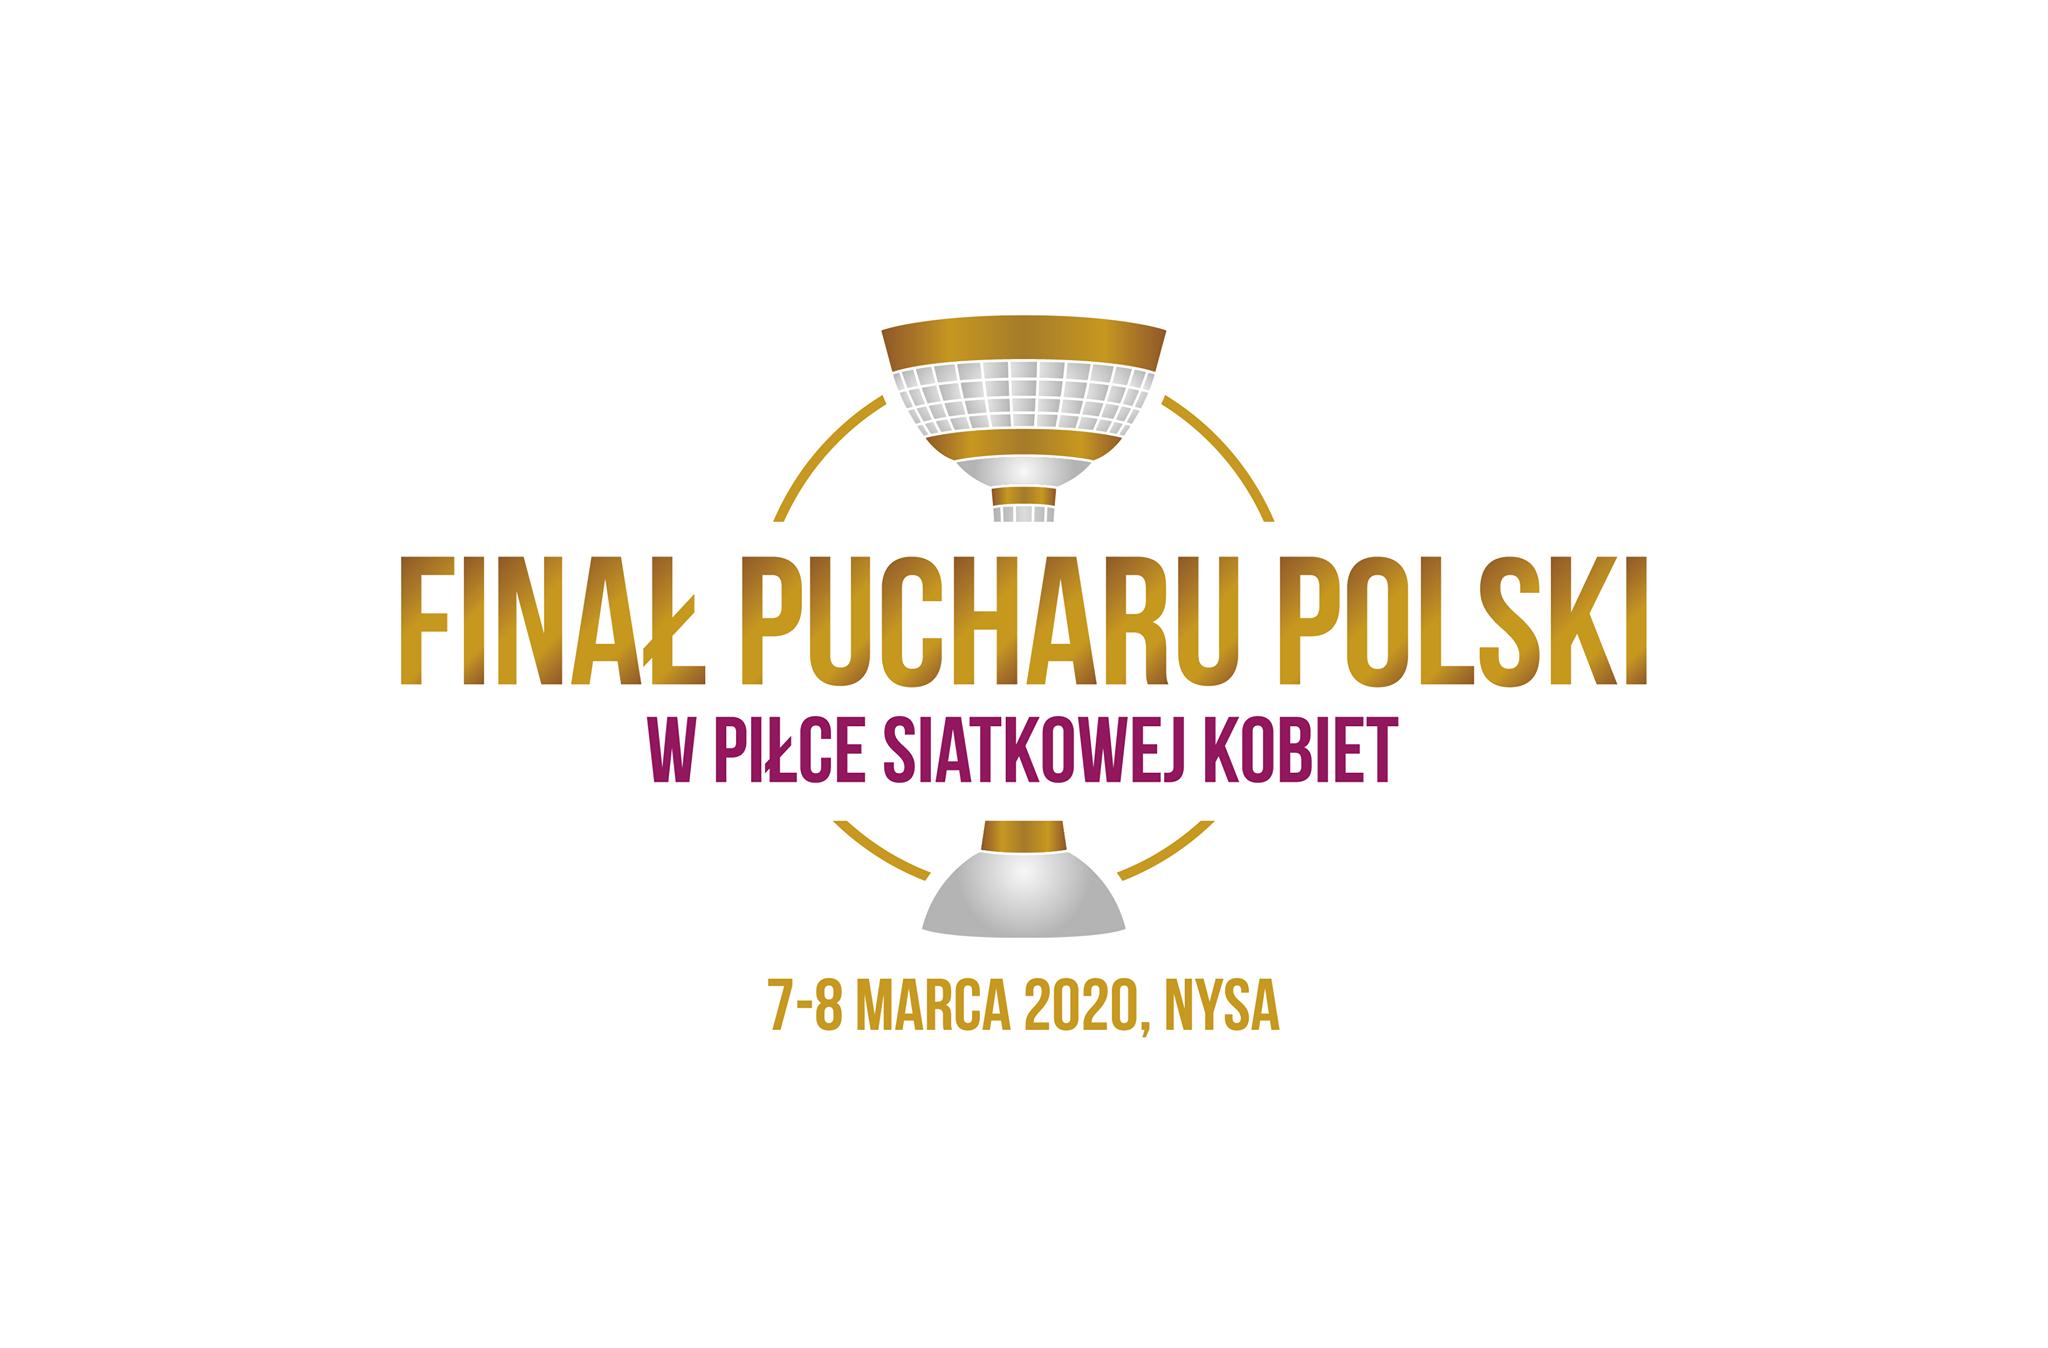 Ruszyła sprzedaż biletów na finał Pucharu Polski w siatkówce kobiet